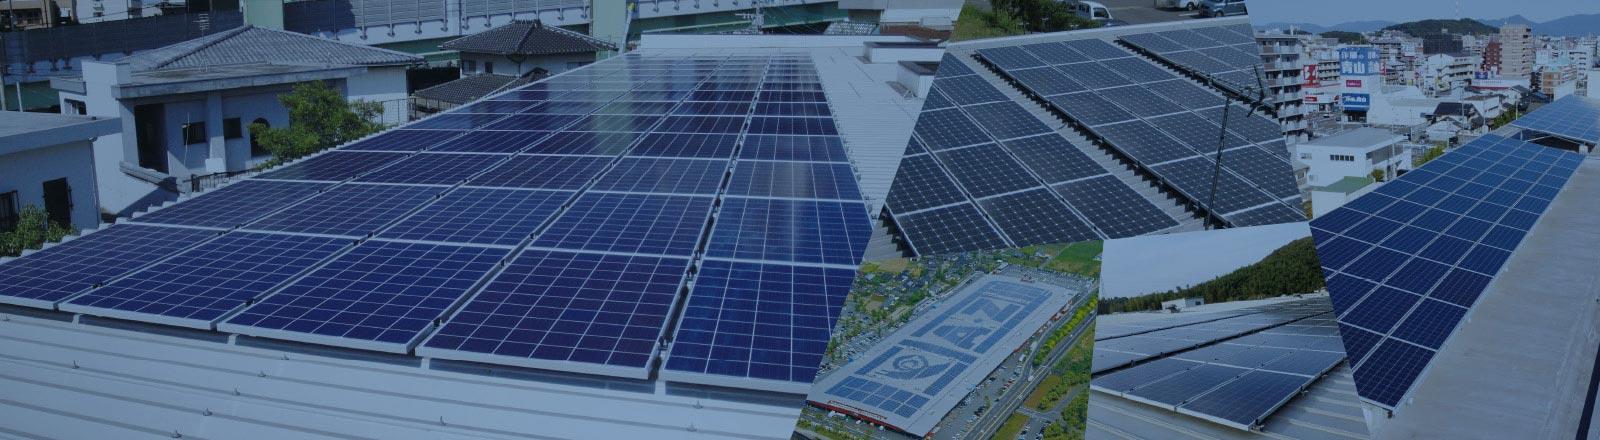 自家消費型太陽光発電システム